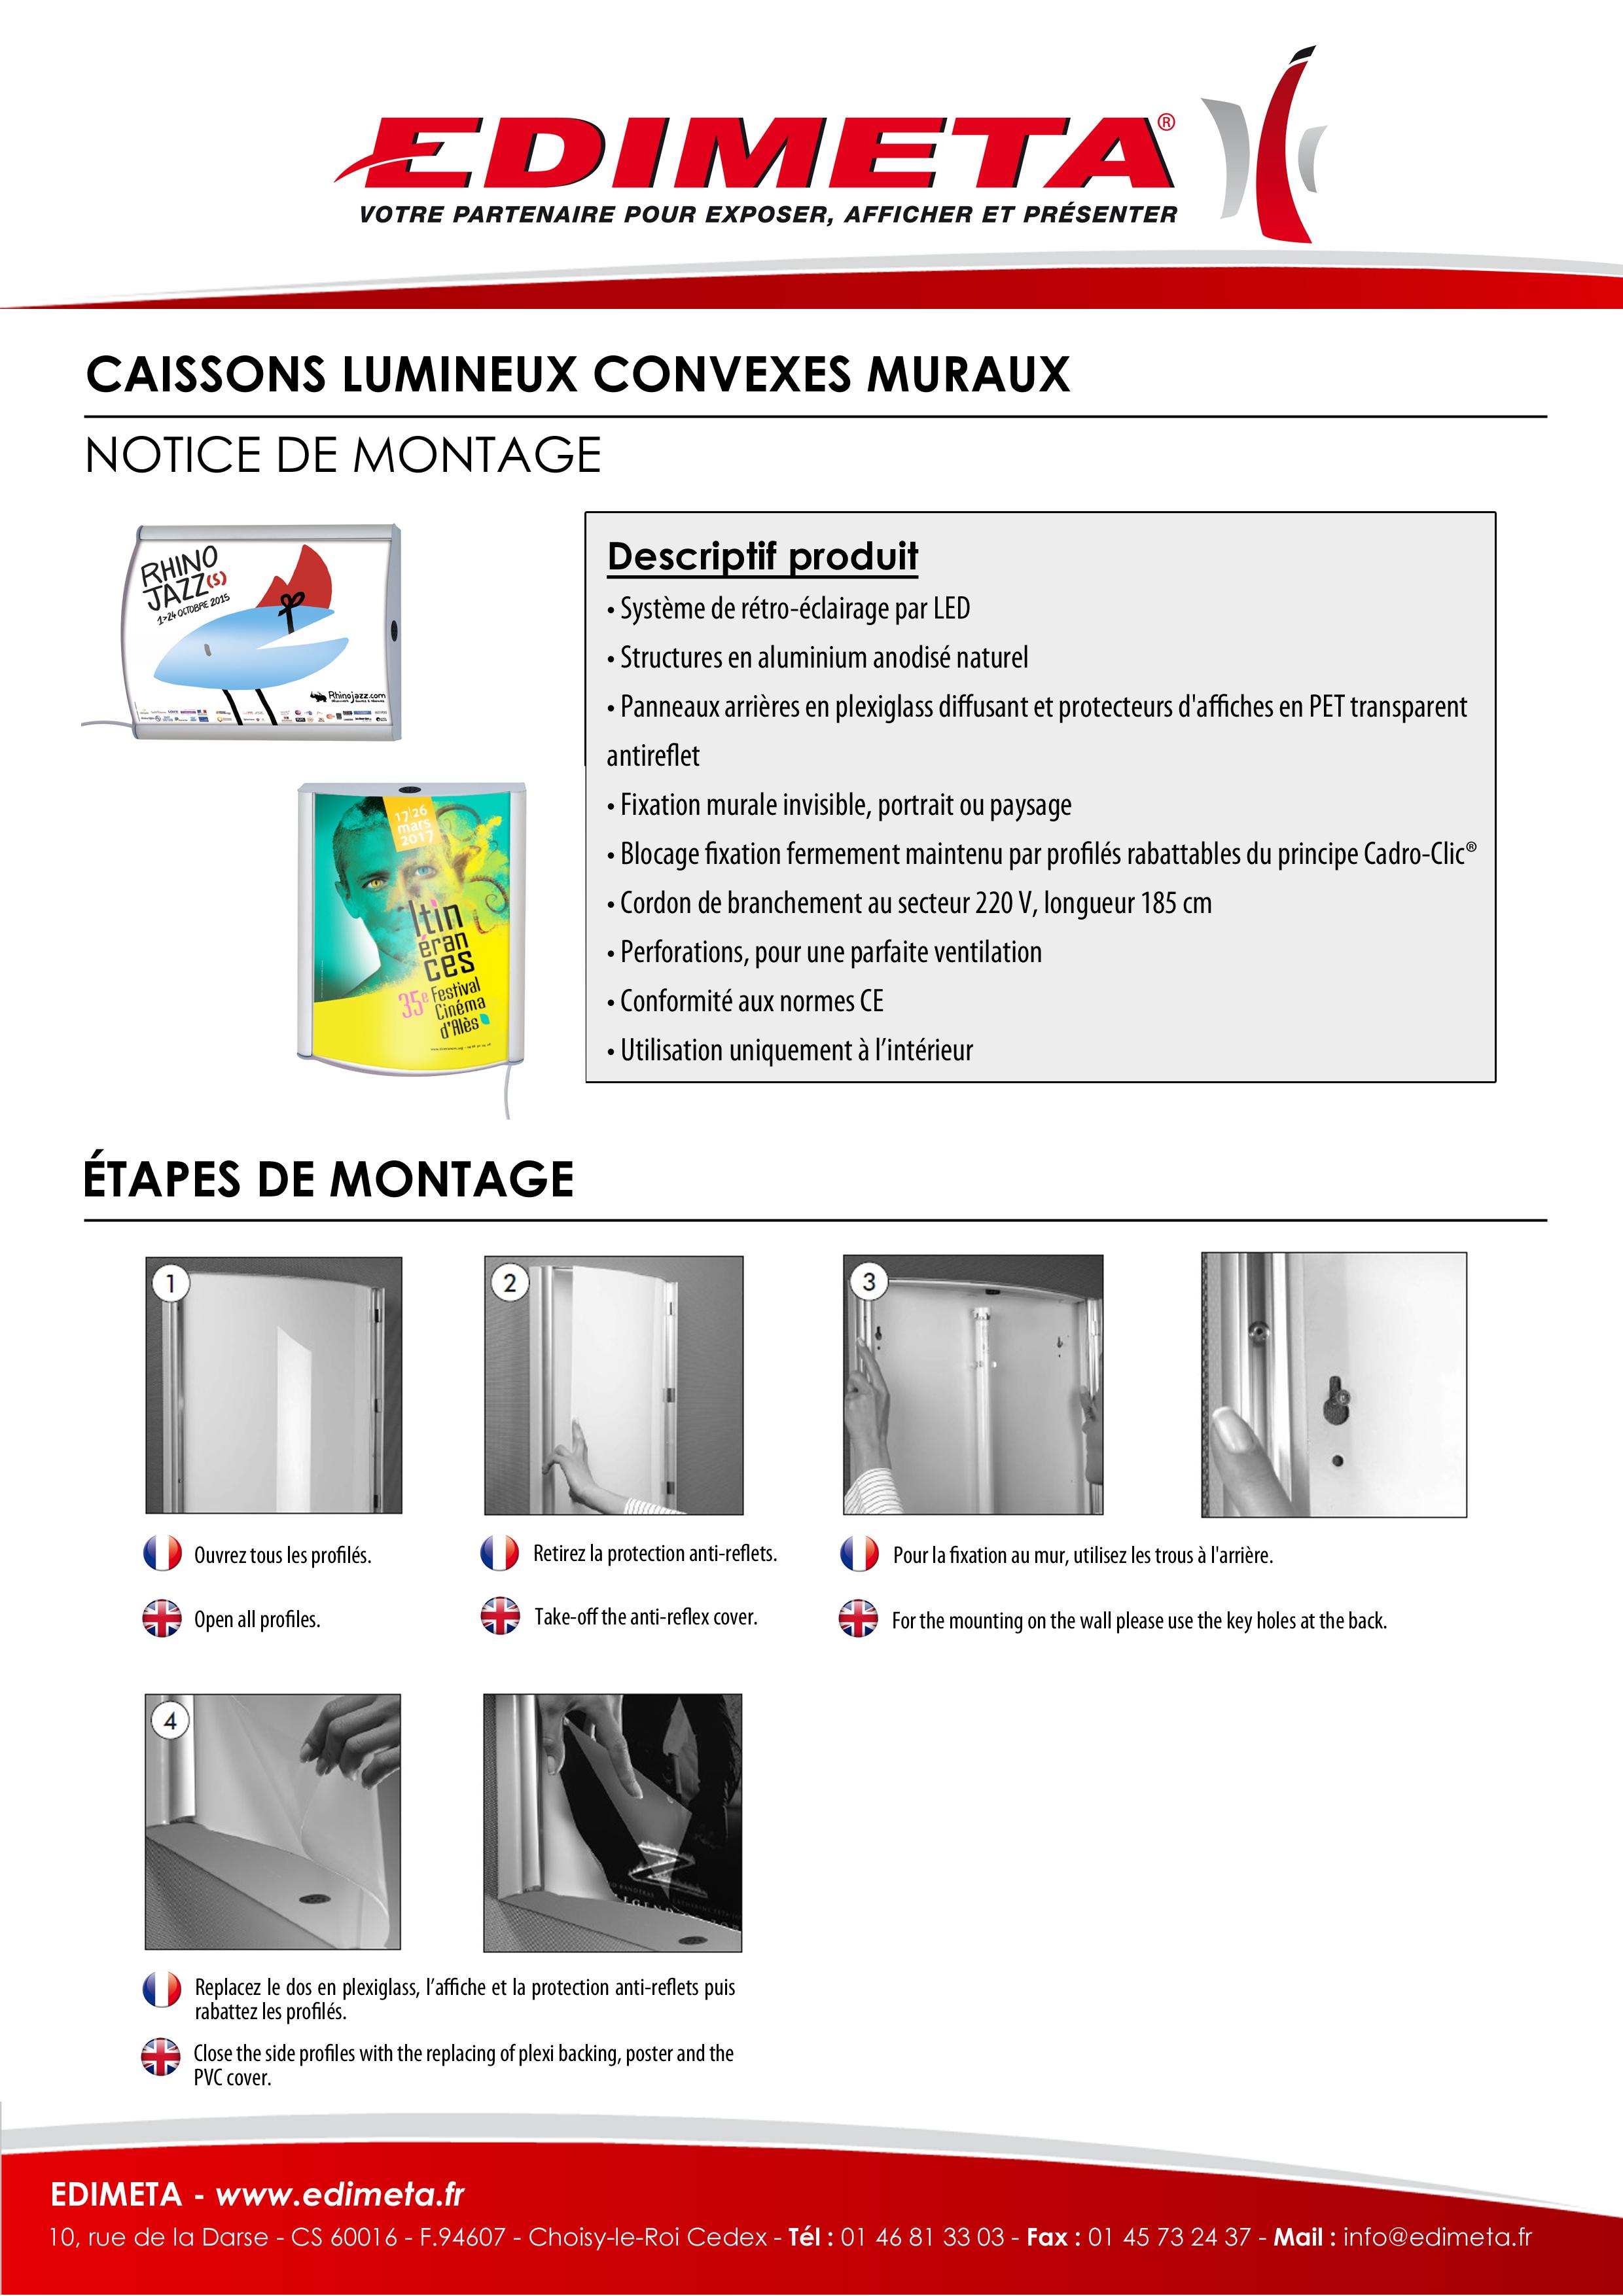 NOTICE DE MONTAGE : CAISSONS LUMINEUX CONVEXES MURAUX